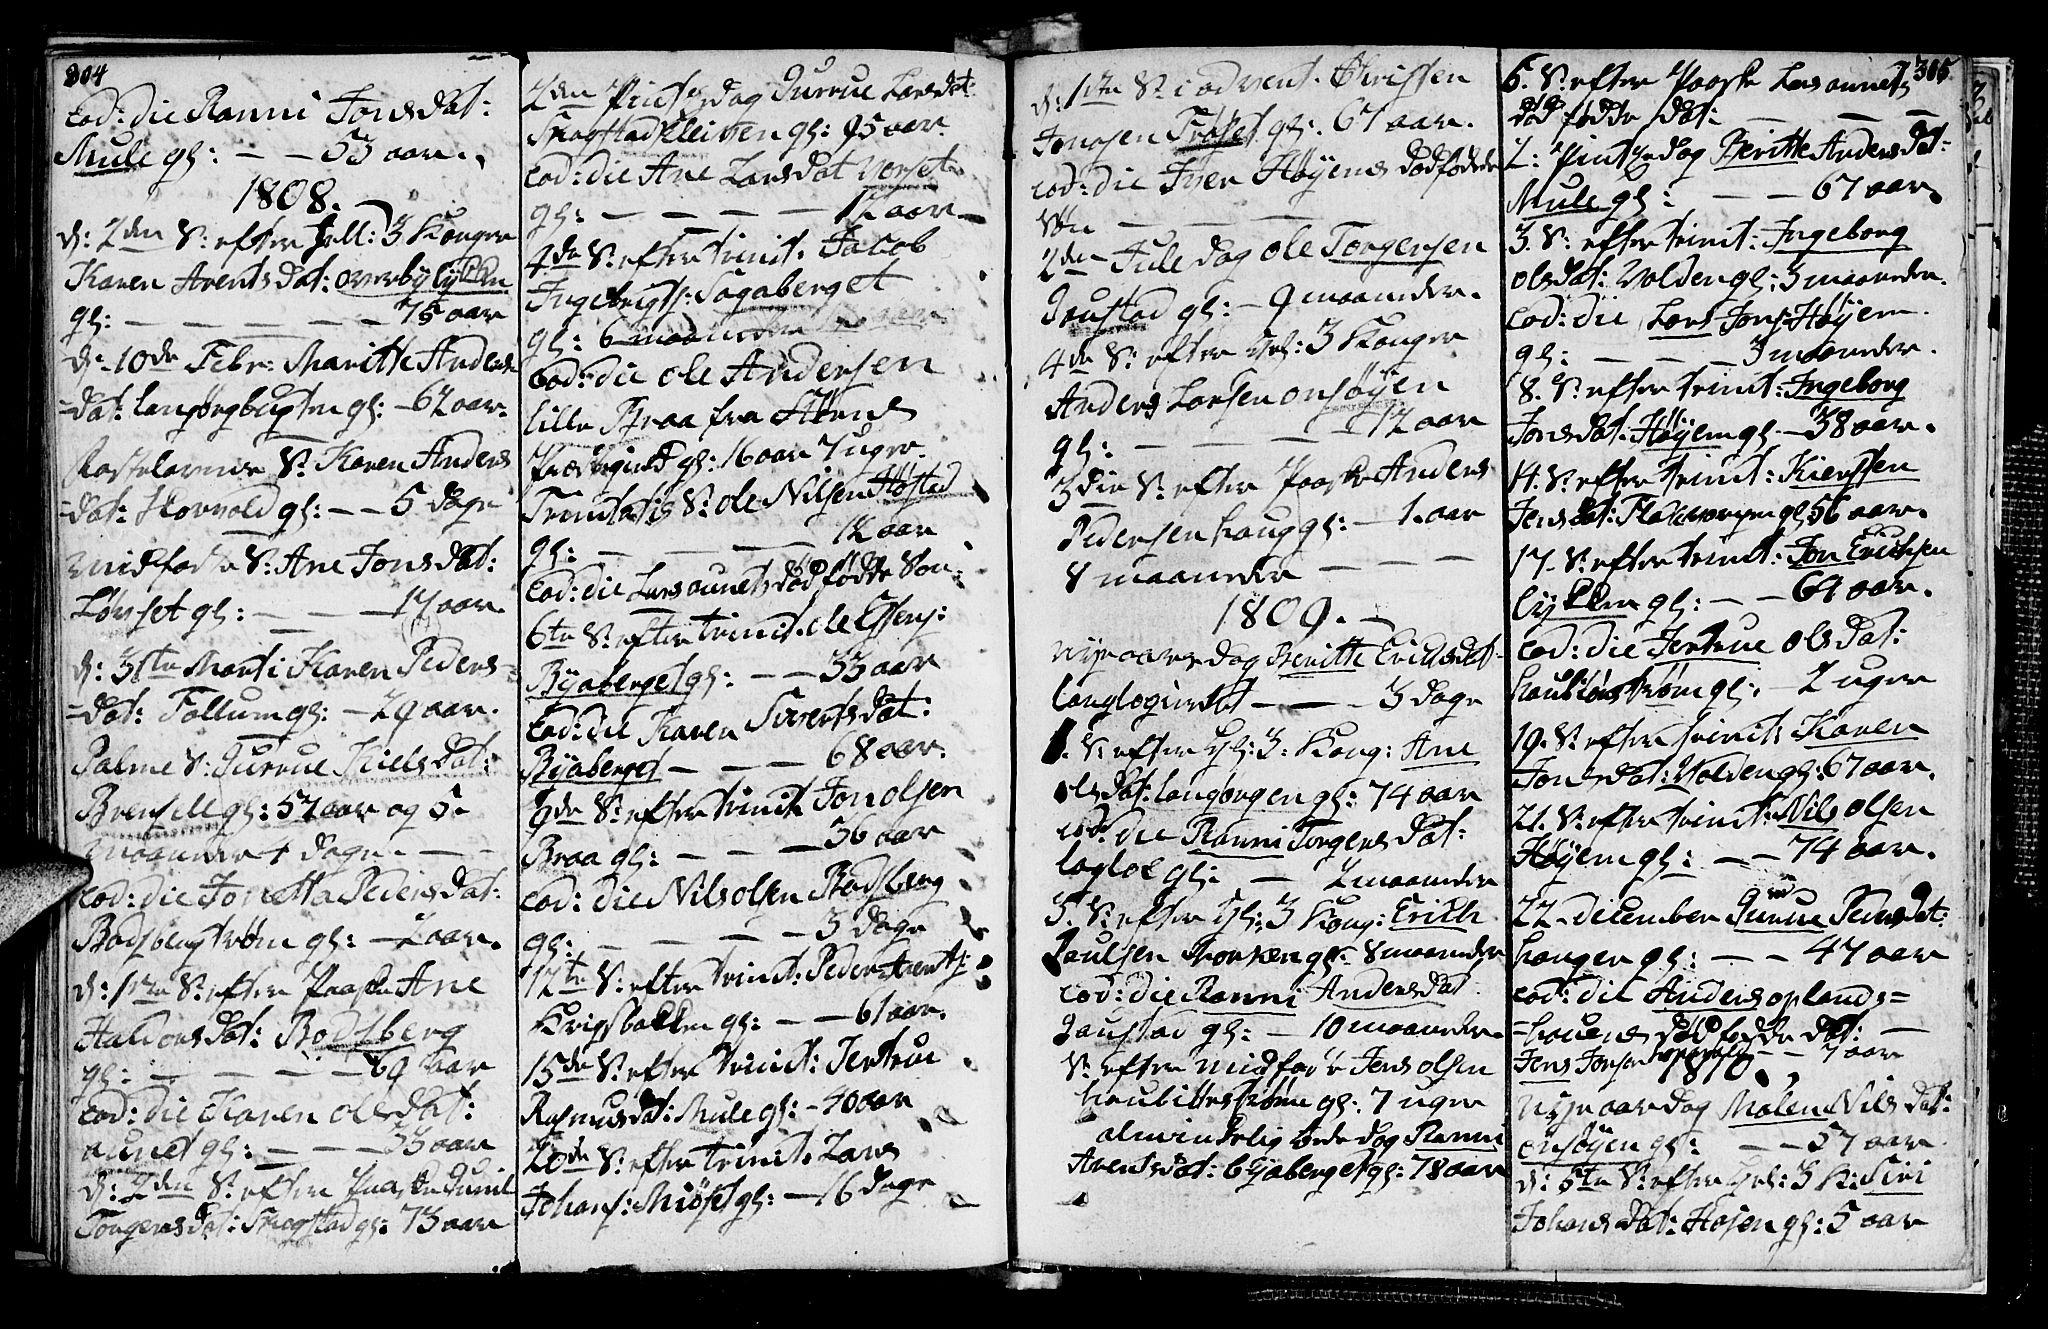 SAT, Ministerialprotokoller, klokkerbøker og fødselsregistre - Sør-Trøndelag, 612/L0371: Ministerialbok nr. 612A05, 1803-1816, s. 304-305